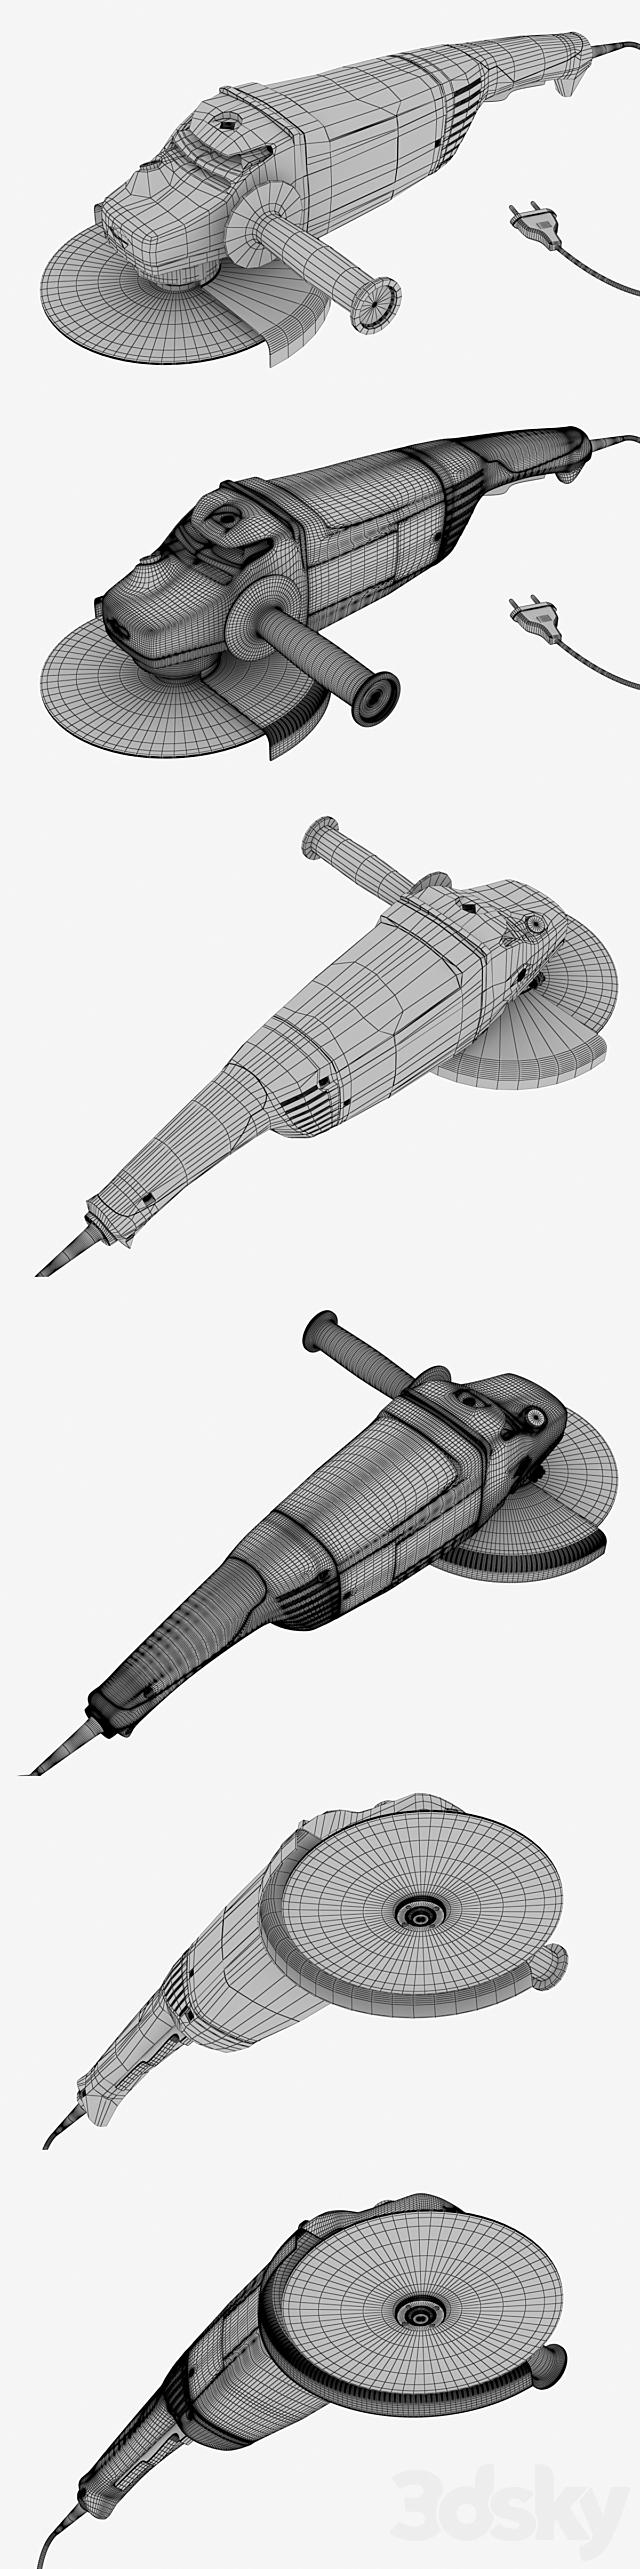 Angle grinder bosch gws 22-230